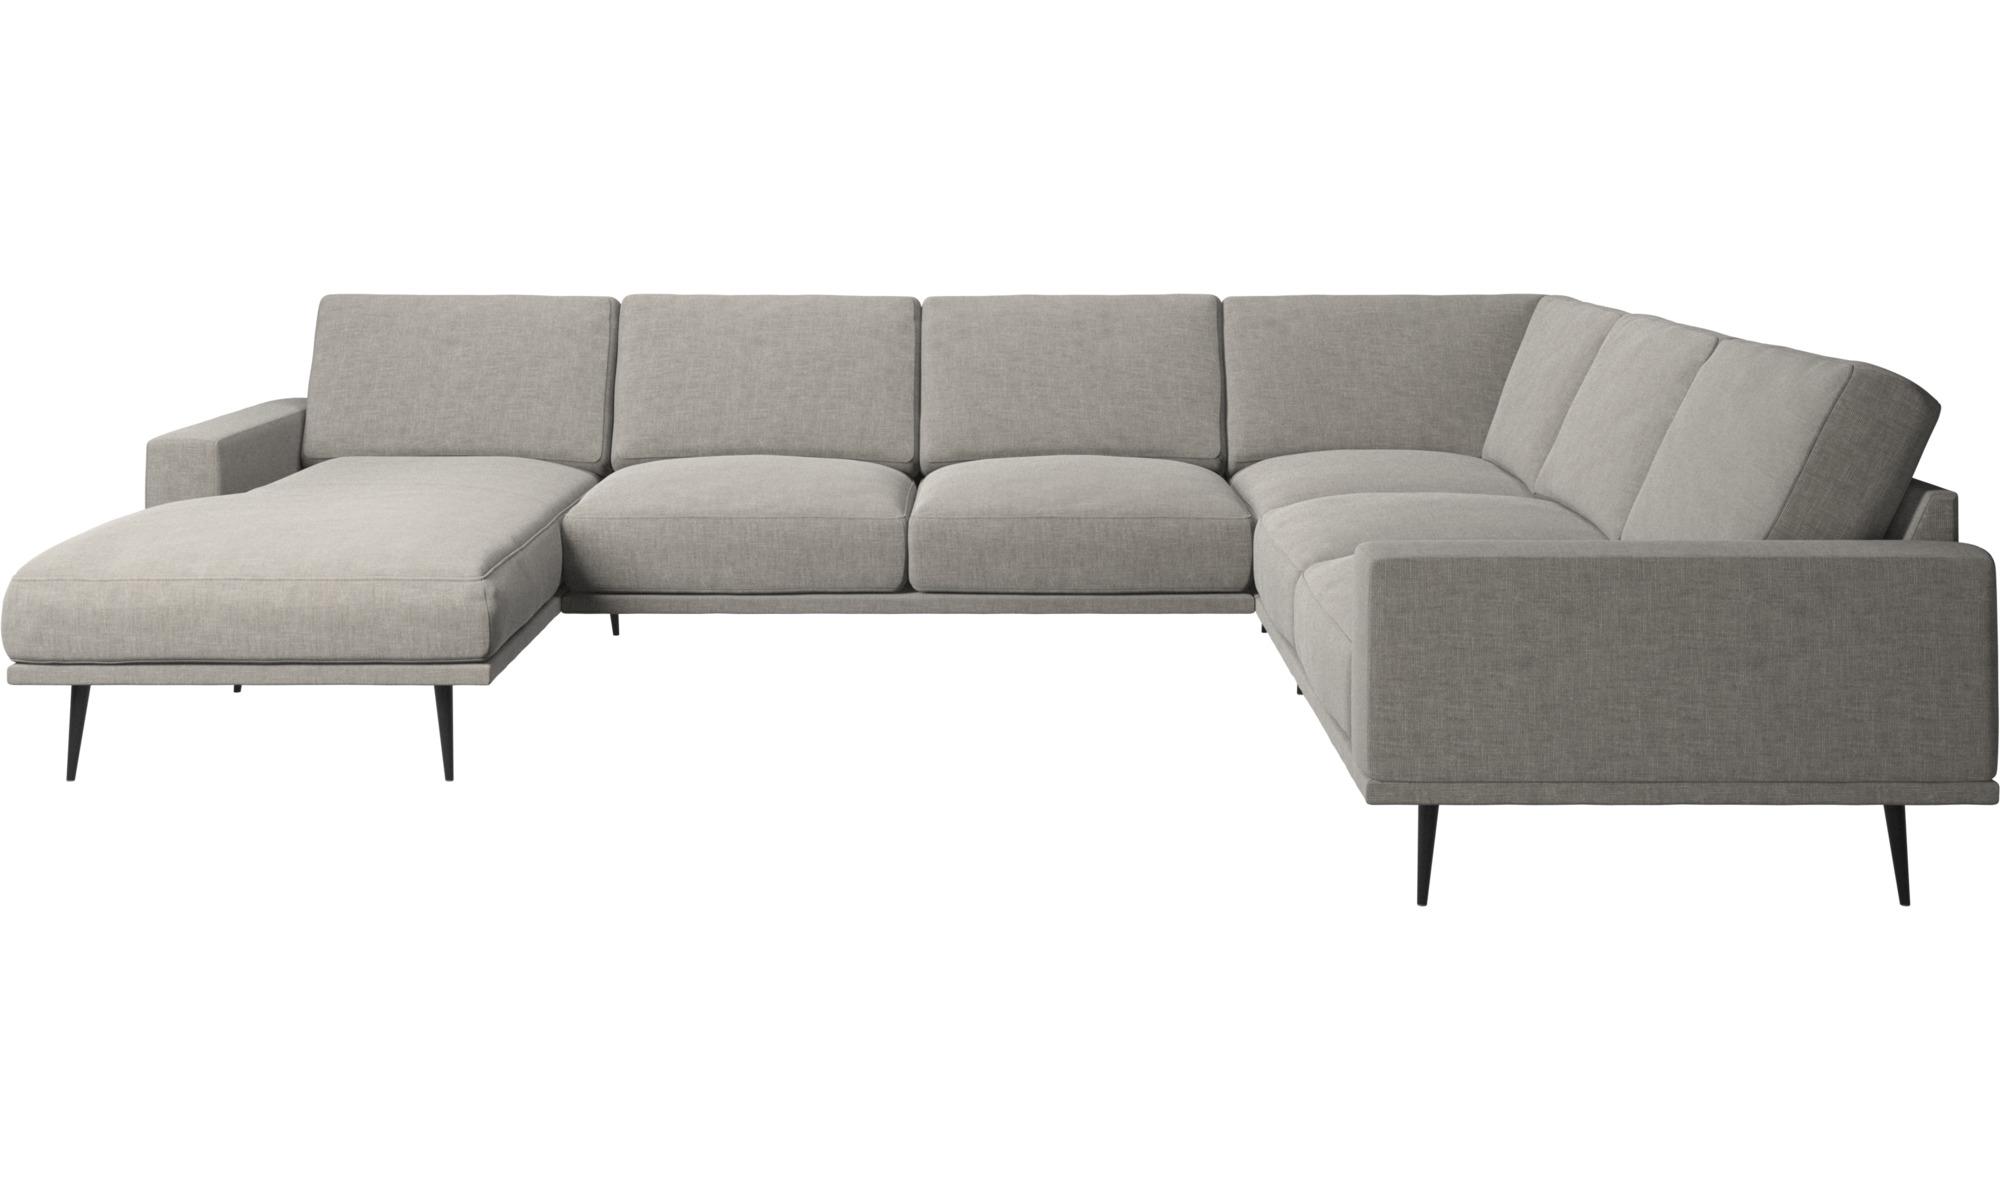 Canapés d'angle - Canapé d'angle Carlton avec méridienne - Gris - Tissu